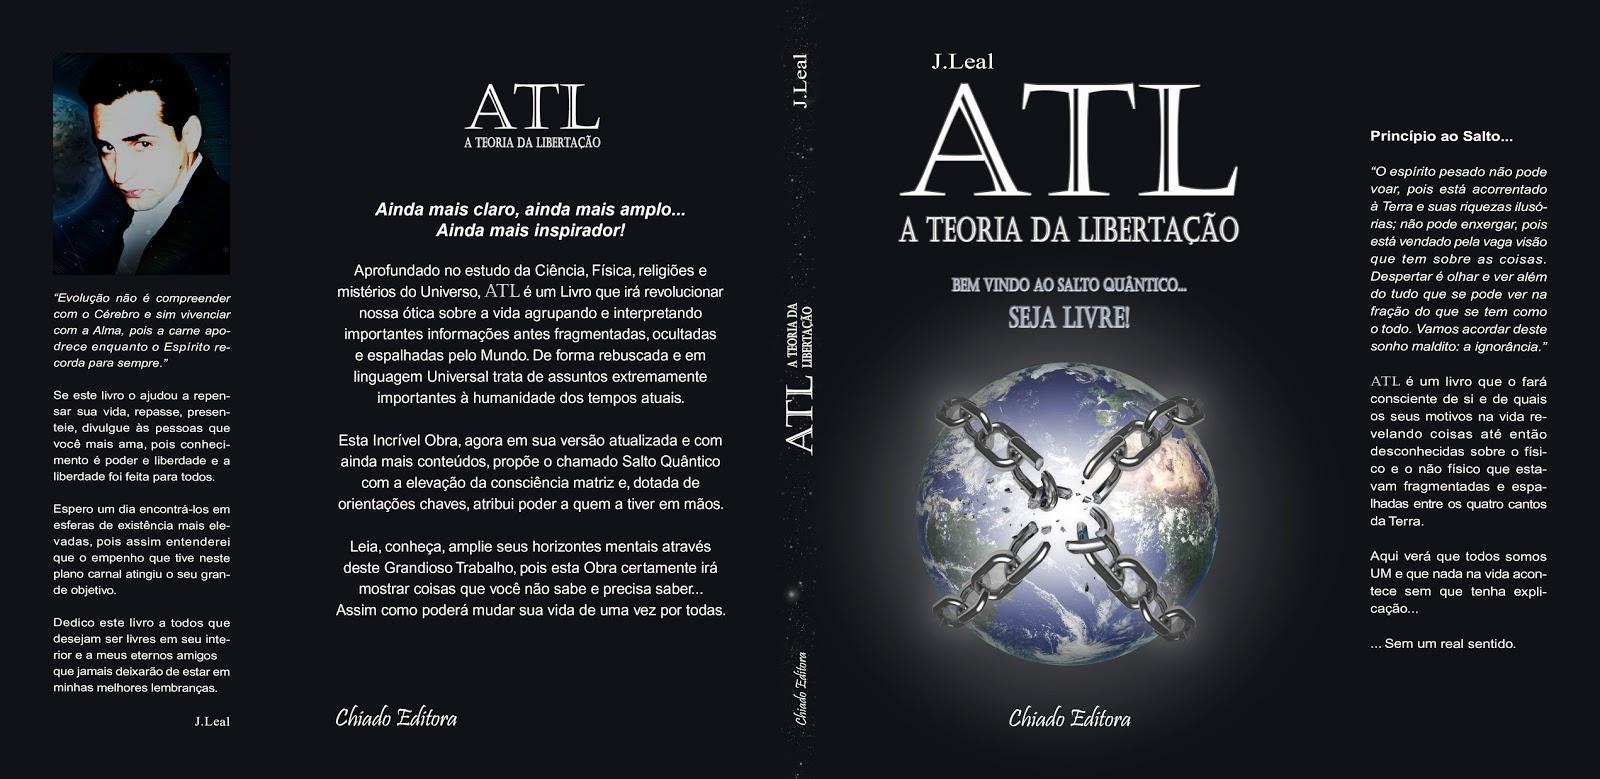 Principle to quantum jump princpio o salto quntico principio a parte integrante do livro piloto atl a teoria da libertao proposto por jleal fandeluxe Gallery